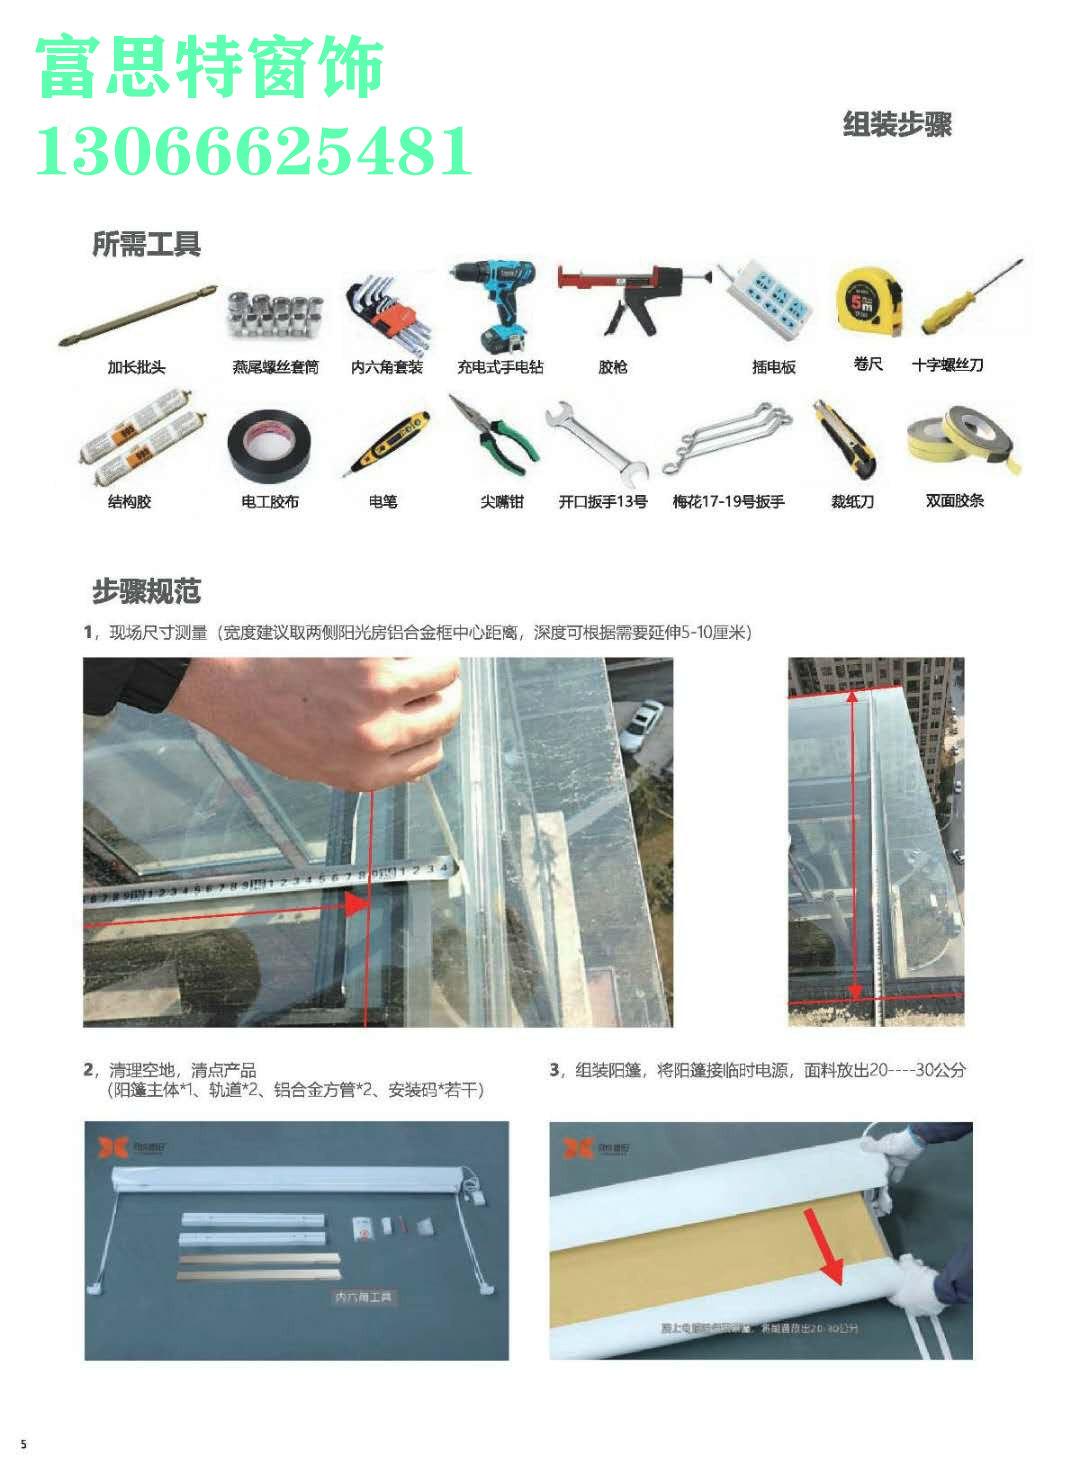 沈阳电动遮阳蓬如何安装,电动遮阳蓬安装过程